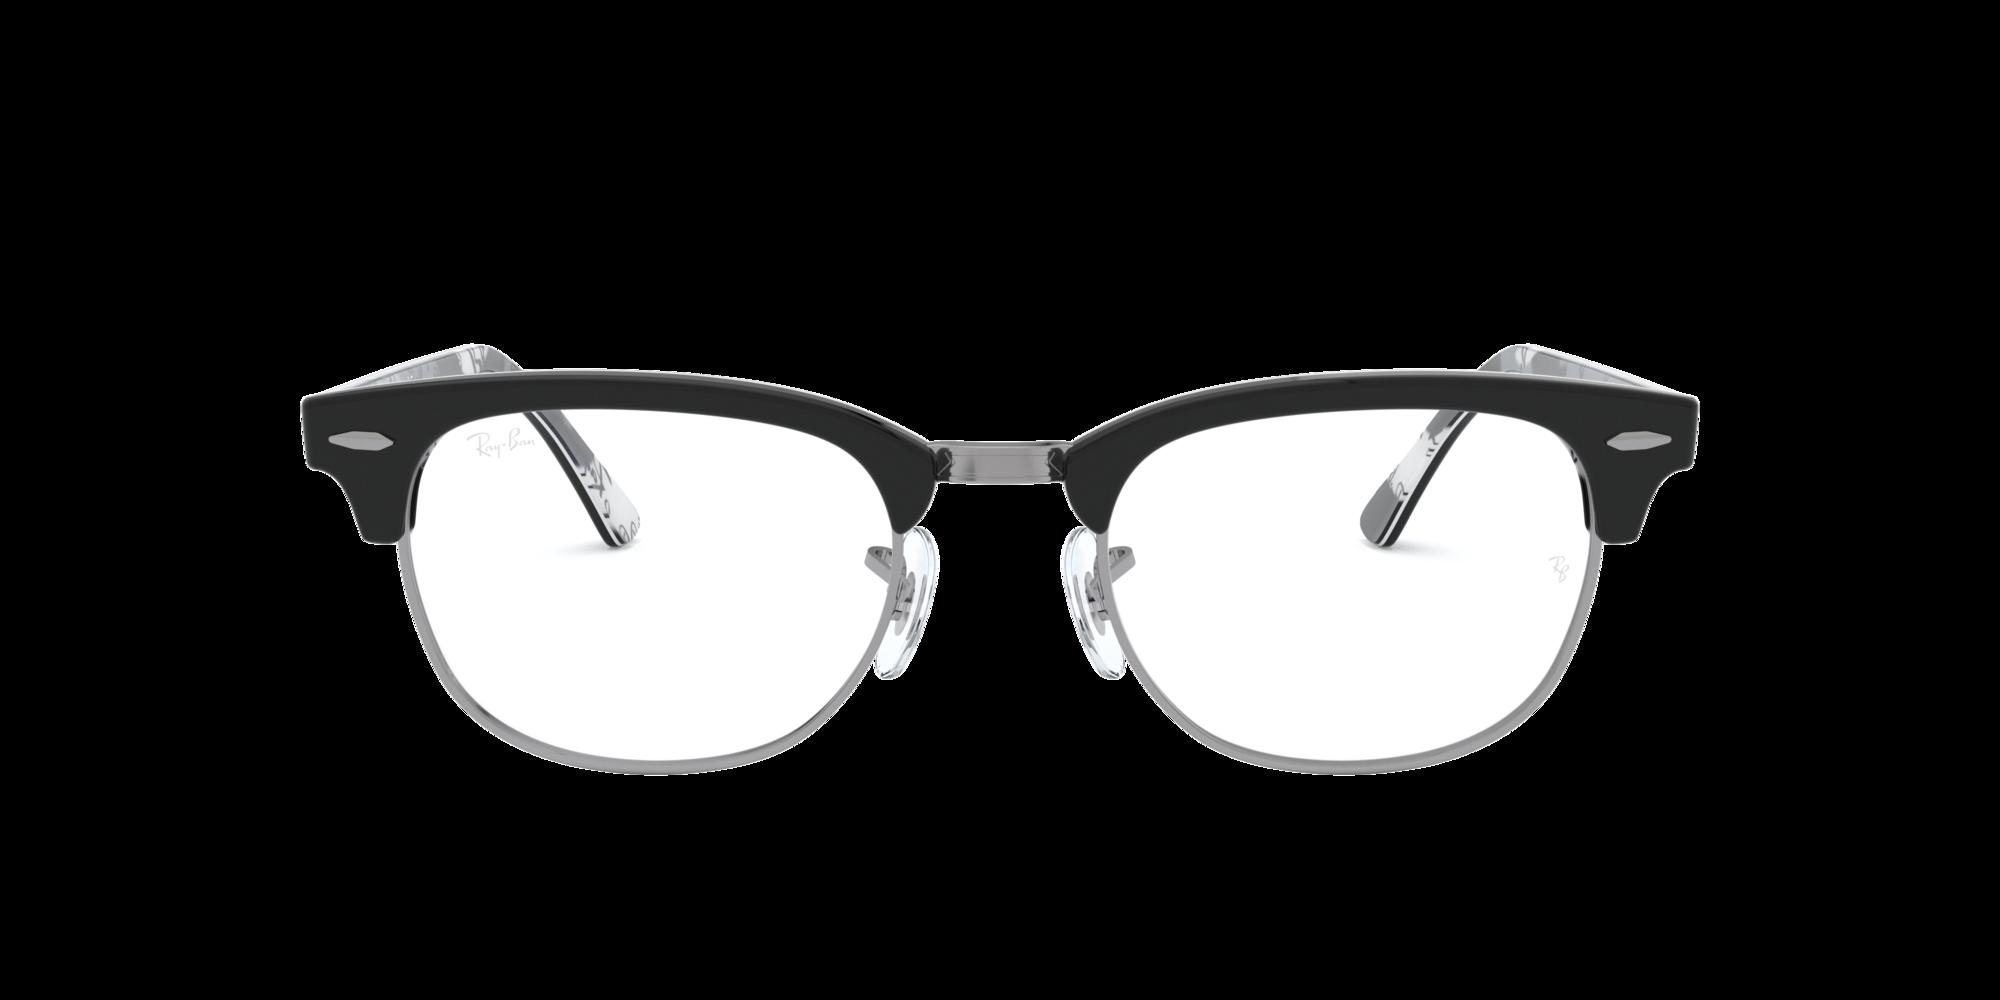 RayBan eyeglasses image